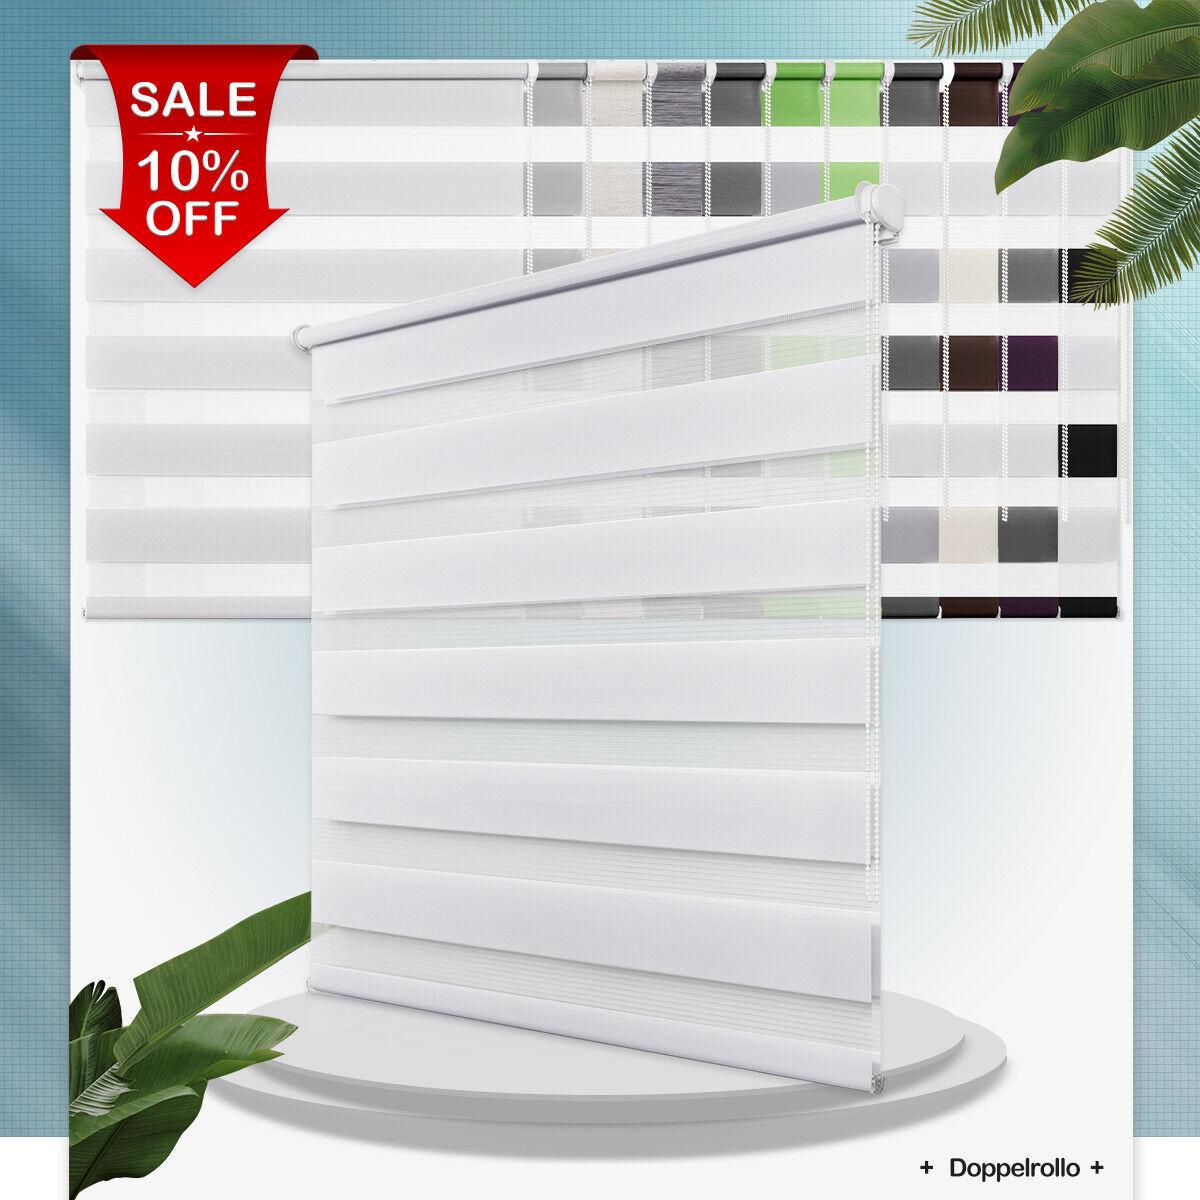 Doppelrollo Klemmfix ohne Bohren Duo Rollo mit Klämmträgern Fenster Sonnenschutz